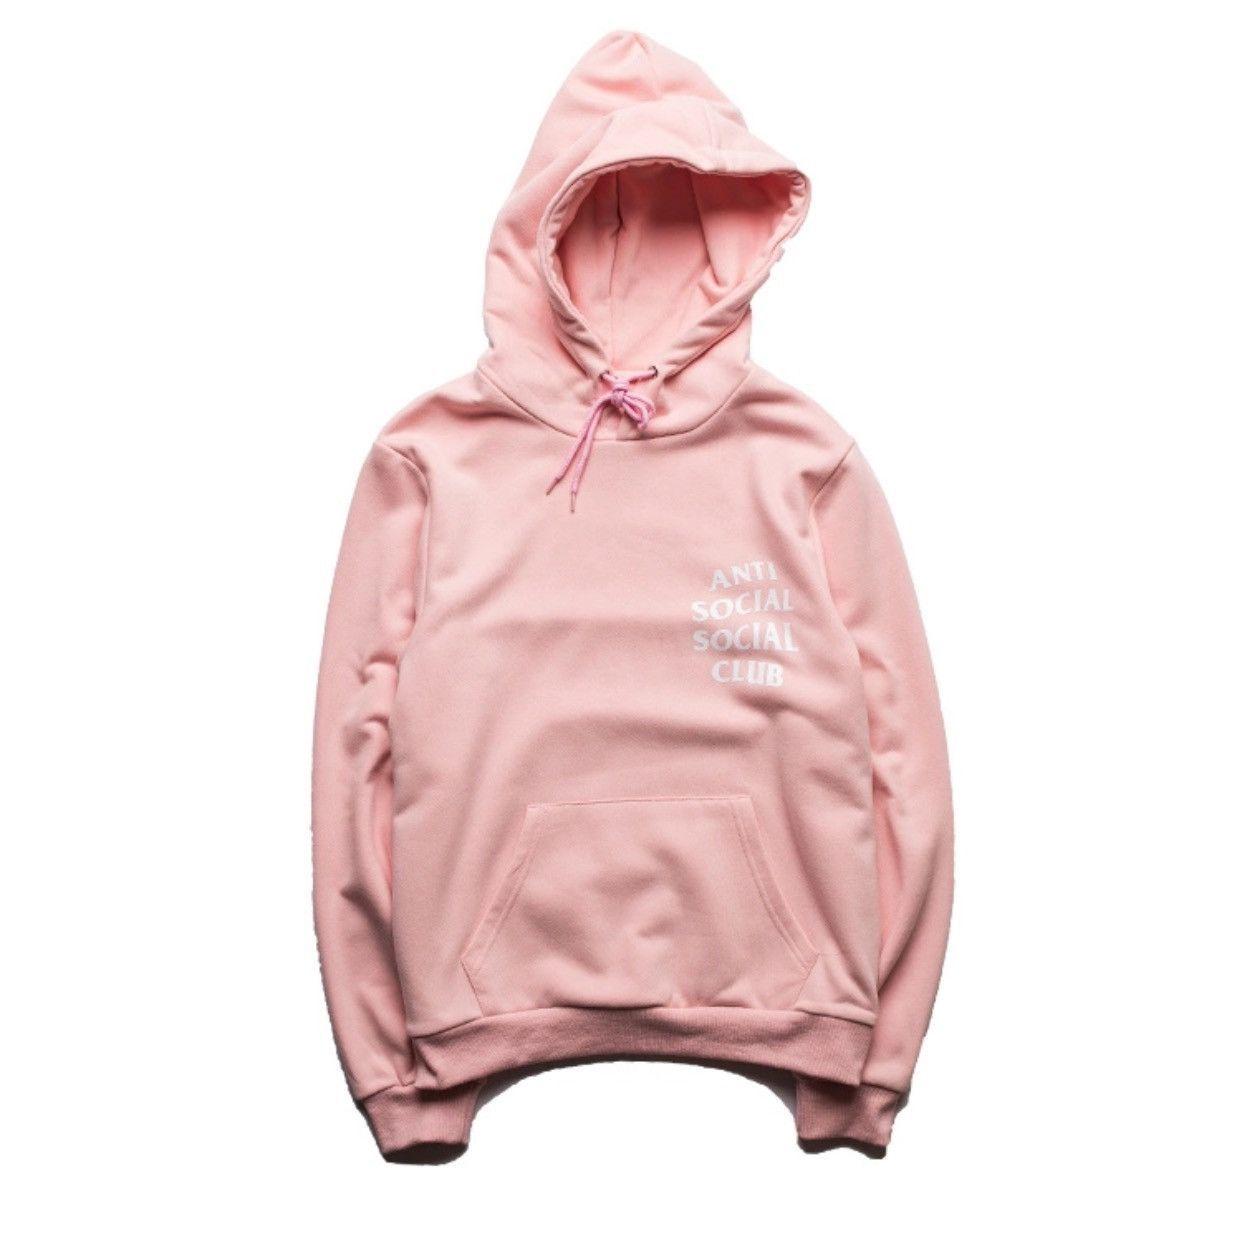 Anti social social club hoodie anti social social club